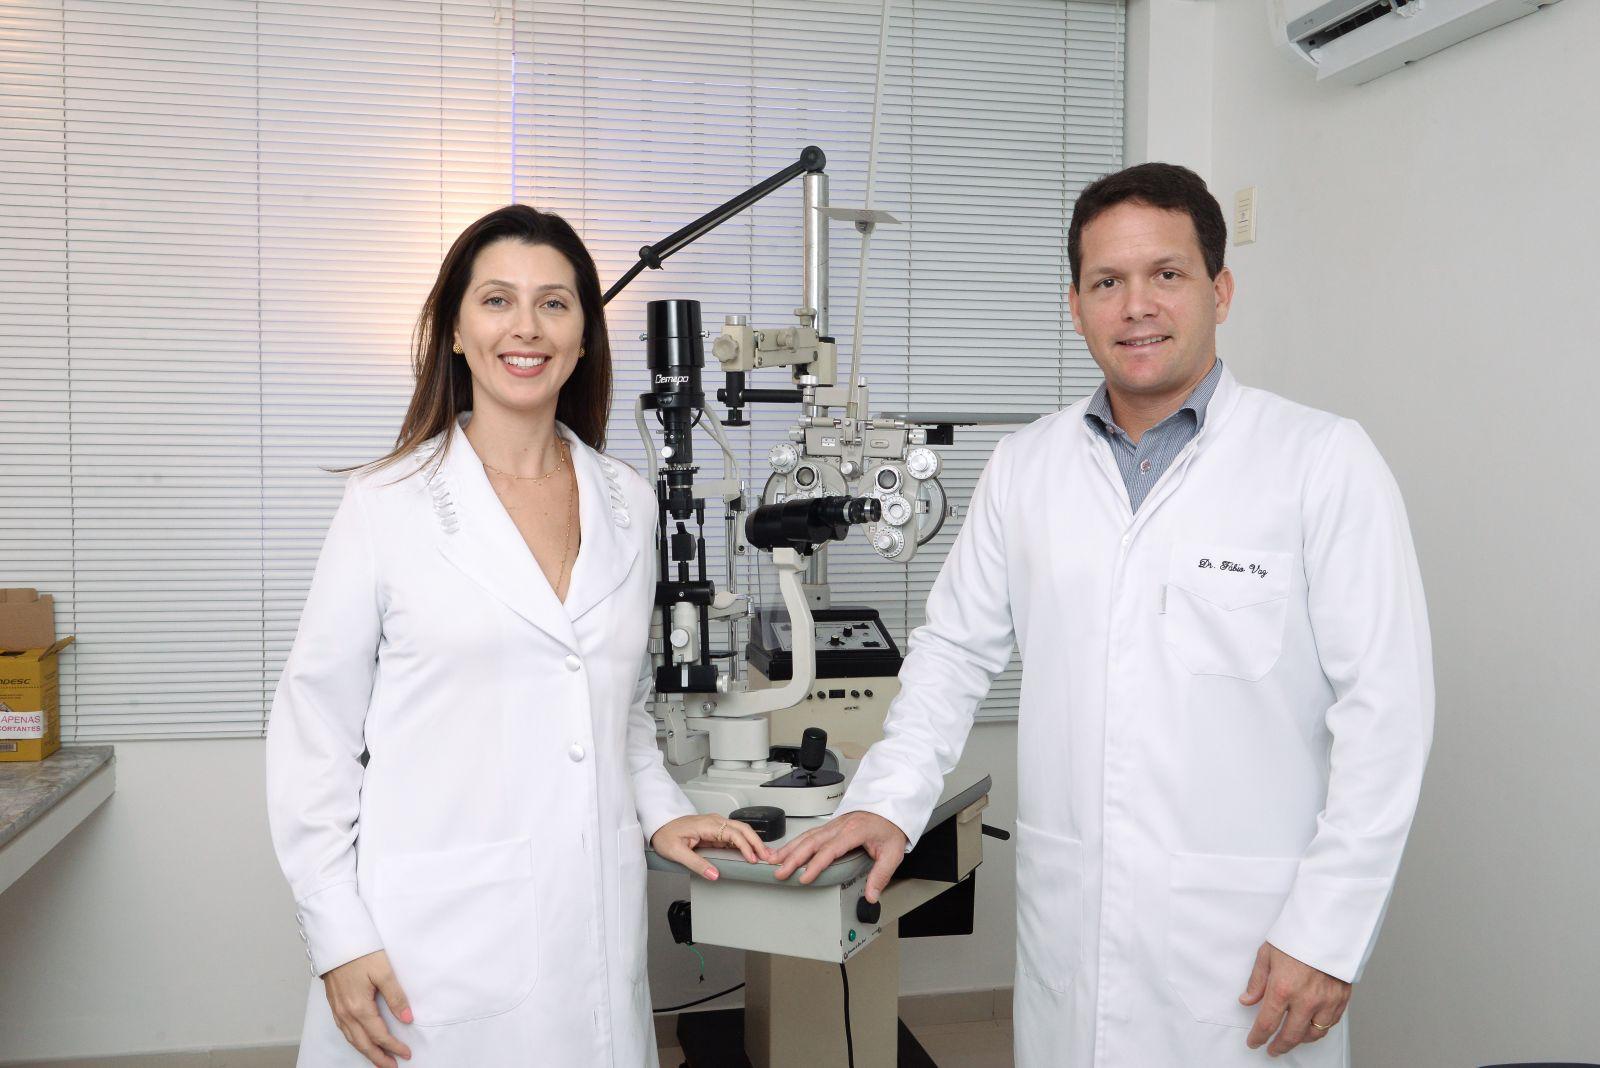 Os oftalmologistas Mirian Minari Faz e Fábio Vaz, já chegaram e já estão atendendo em seu endereço de Ondina